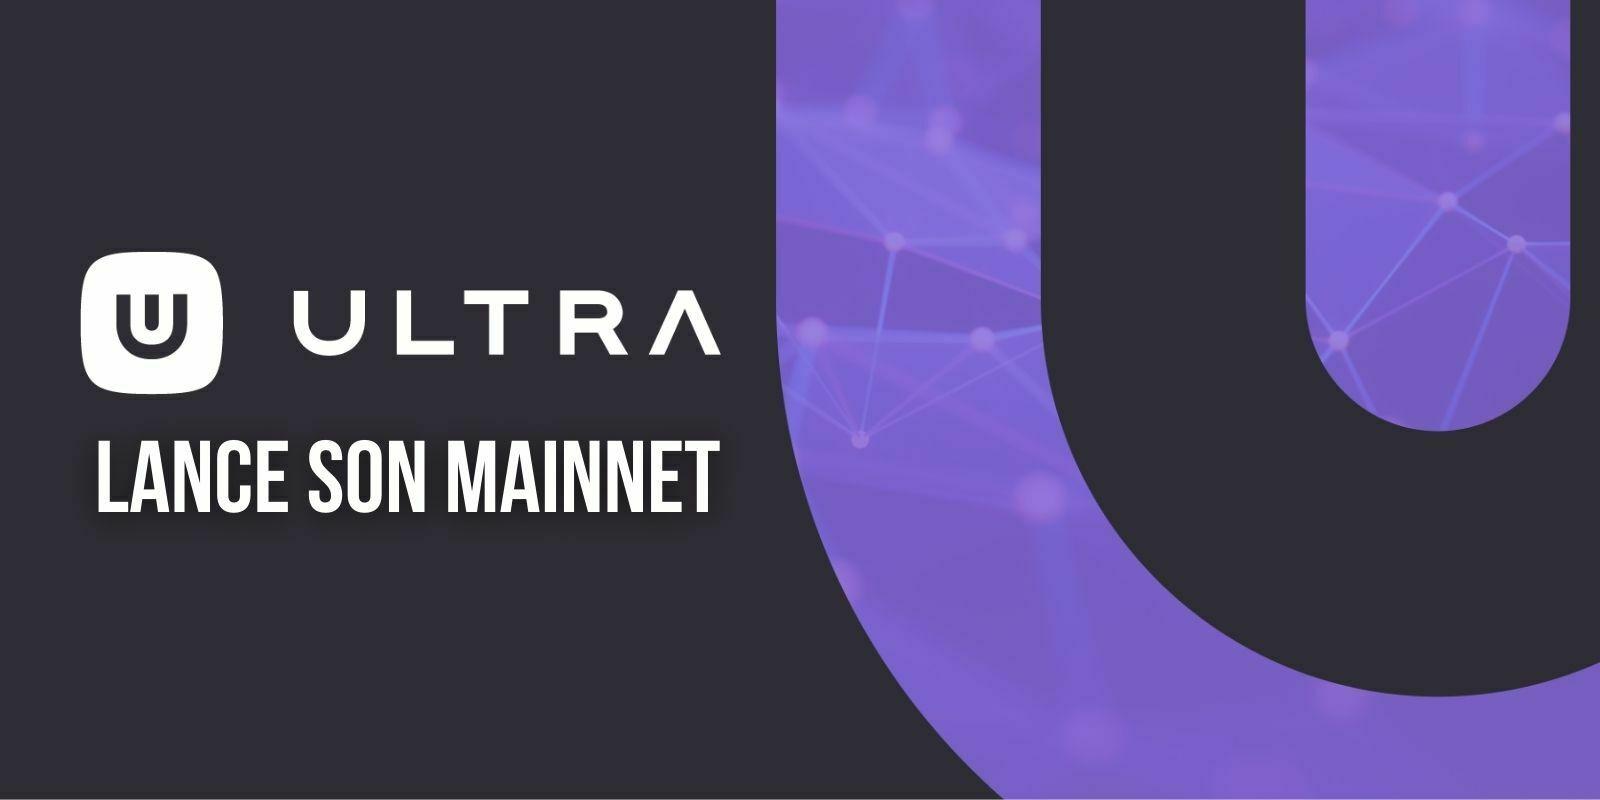 La plateforme blockchain Ultra (UOS) annonce l'arrivée de son mainnet – Le début d'une nouvelle ère pour les jeux vidéo ?